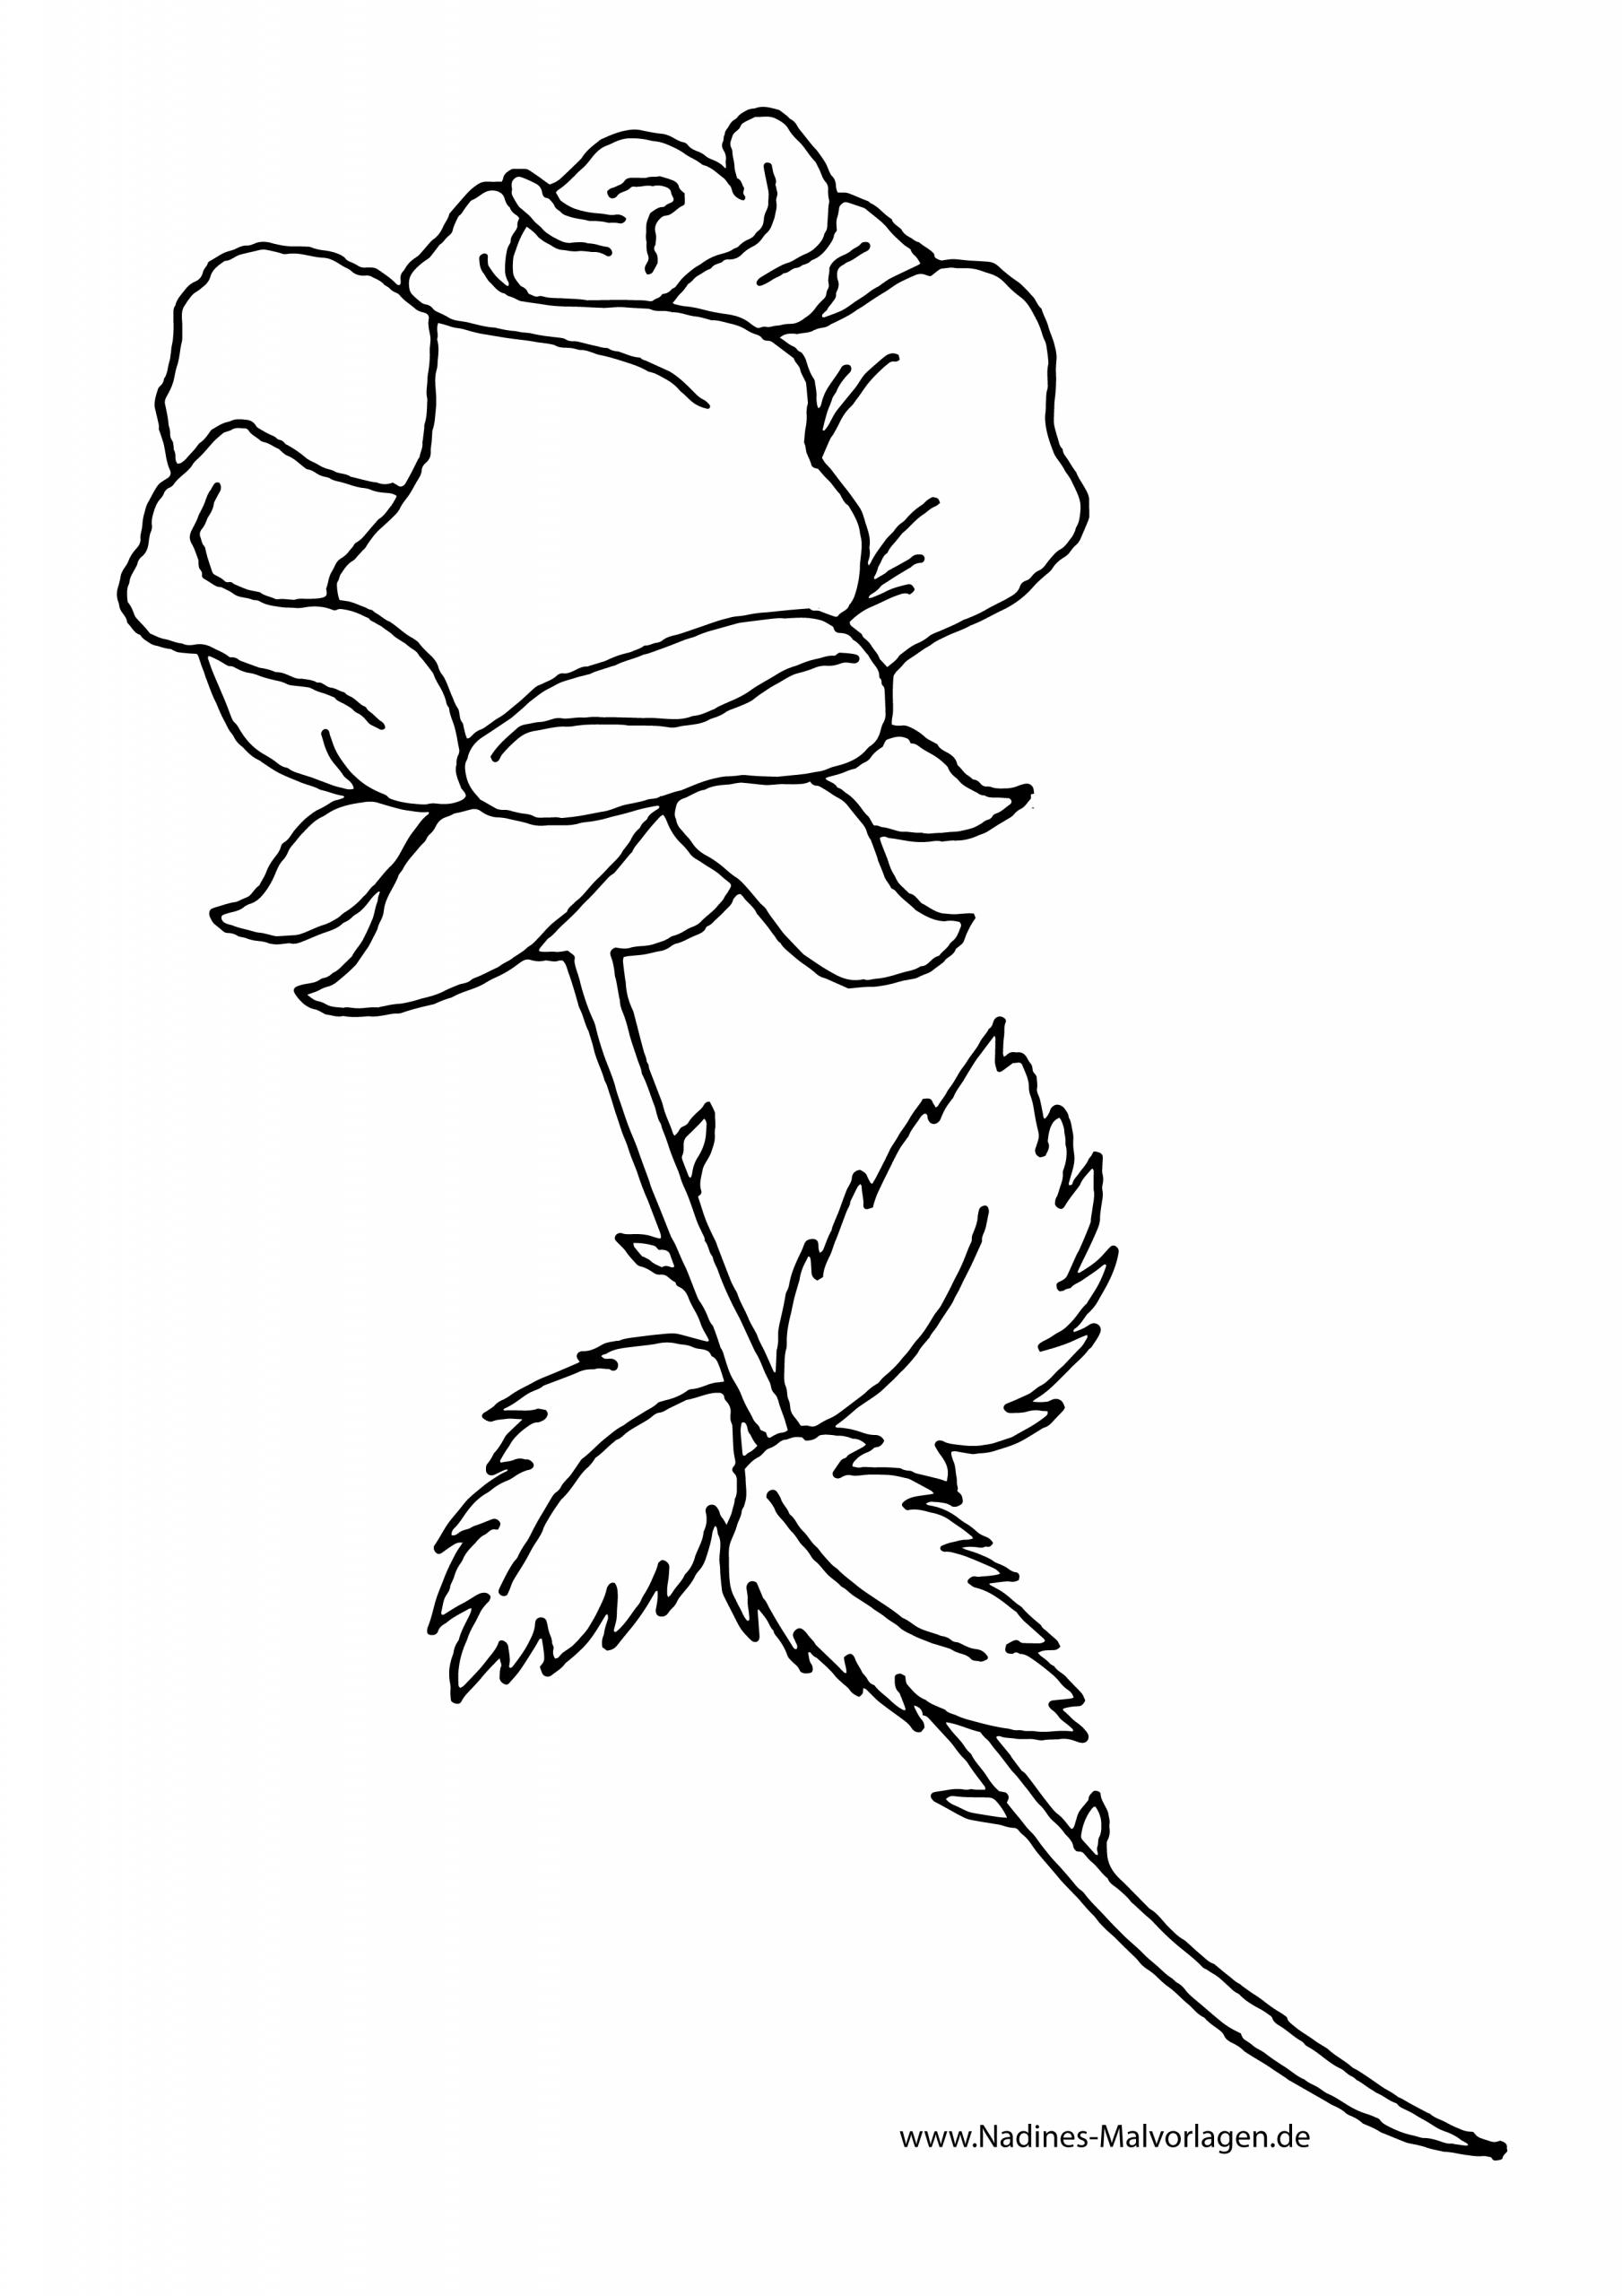 Rote Rose Zum Selbst Ausmalen - Nadines Ausmalbilder über Rose Malvorlage